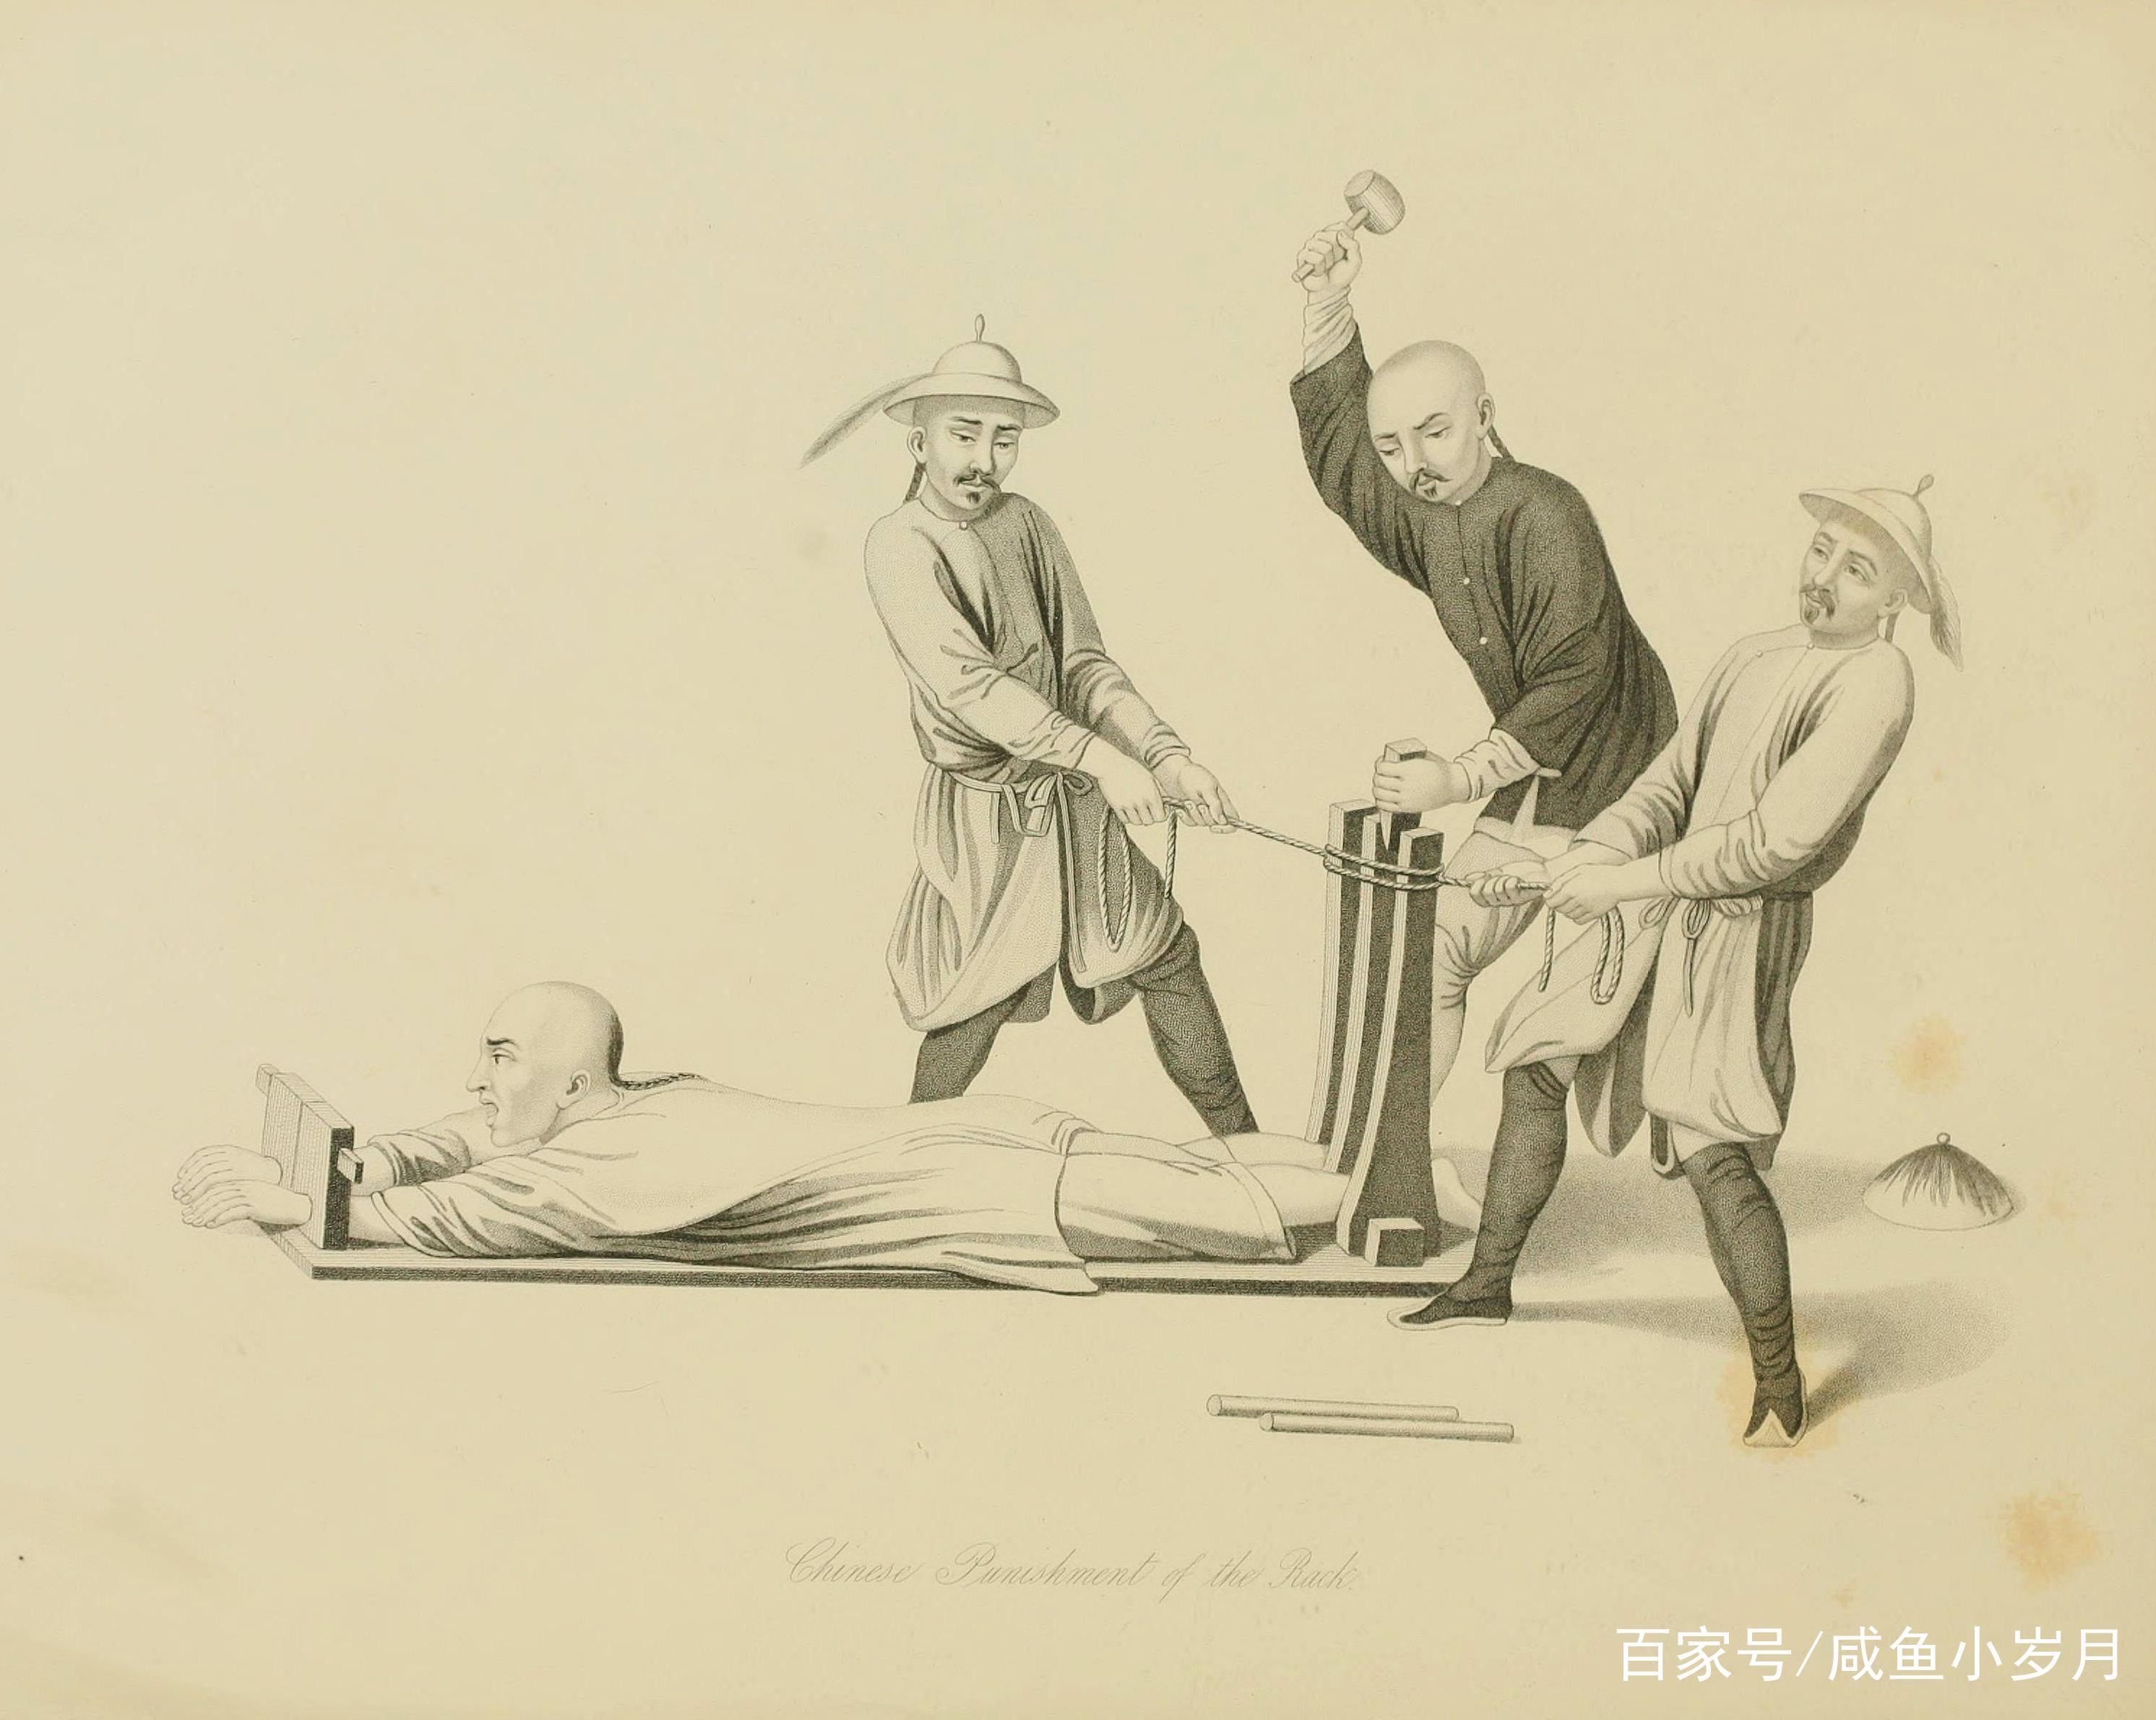 虐脚刑_清朝判案行刑图,外国人画笔下的悬吊,抽打,夹脚,看着